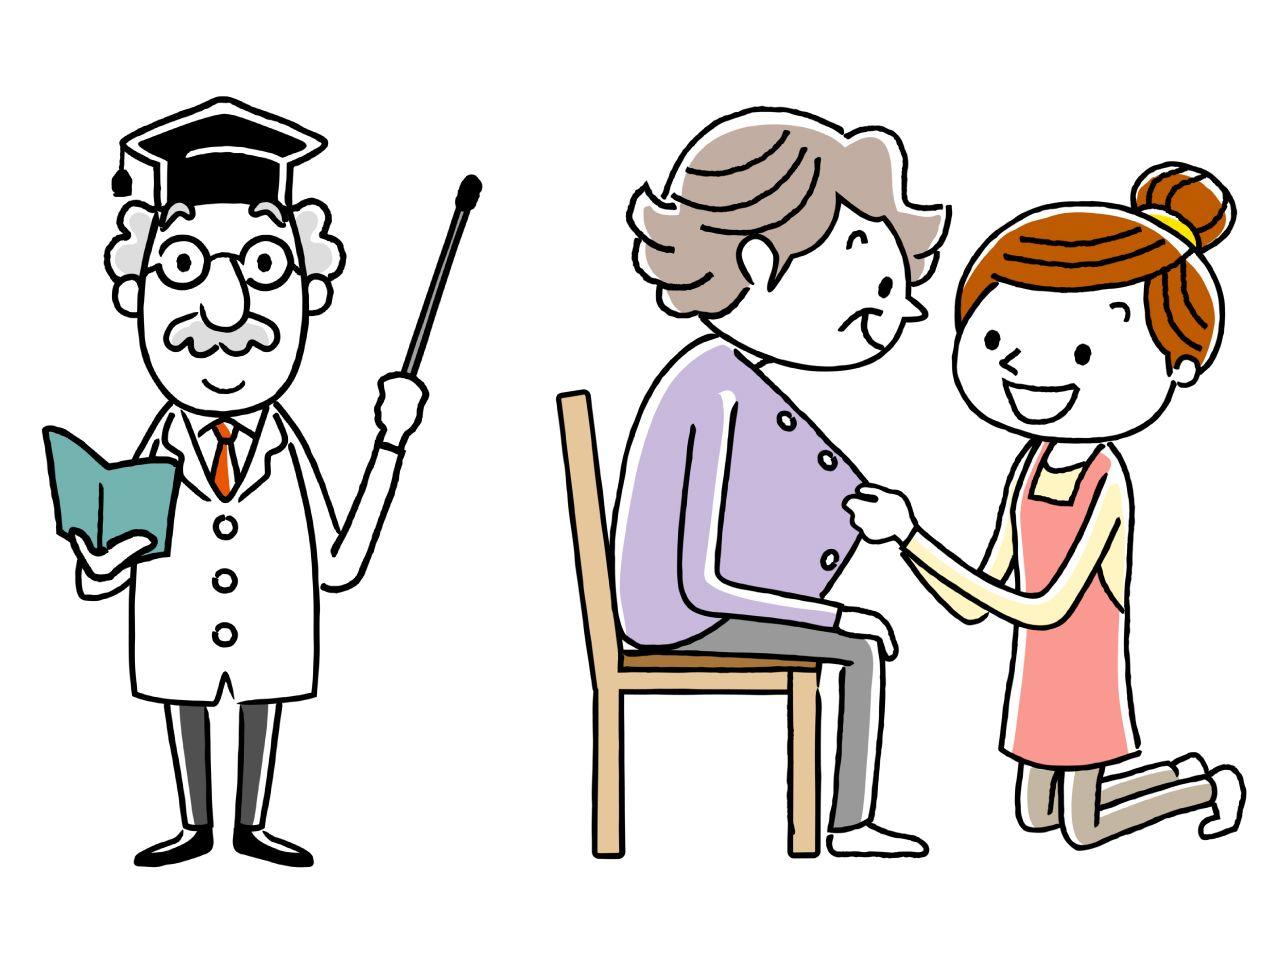 生活支援員の仕事内容や給料を説明している博士のイメージイラスト